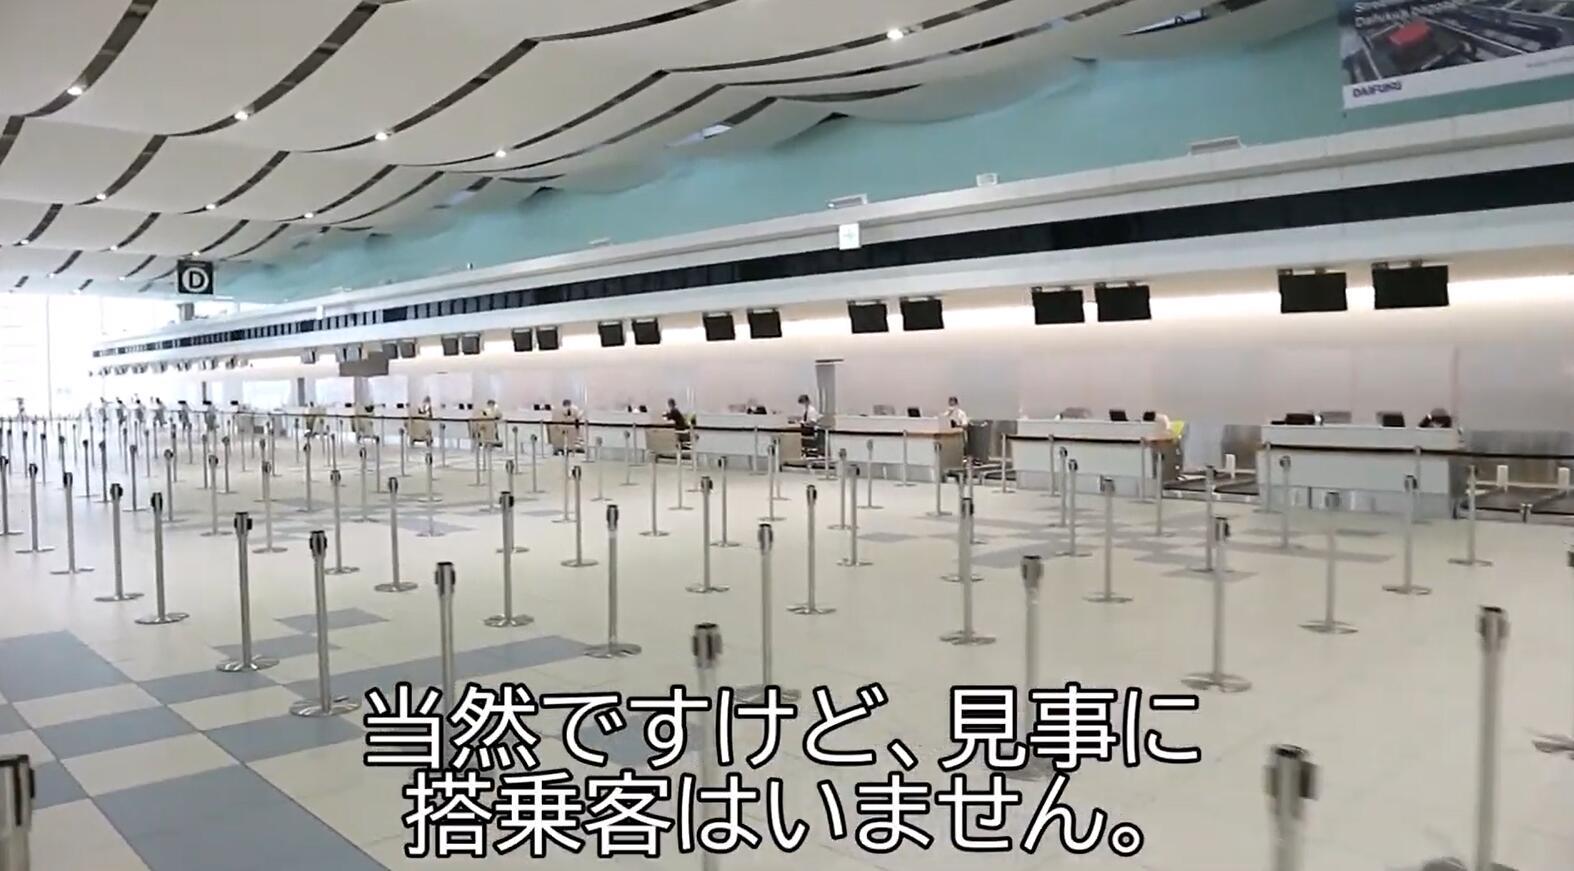 北海道:7月份住宿游客减少6成外国游客几乎为零